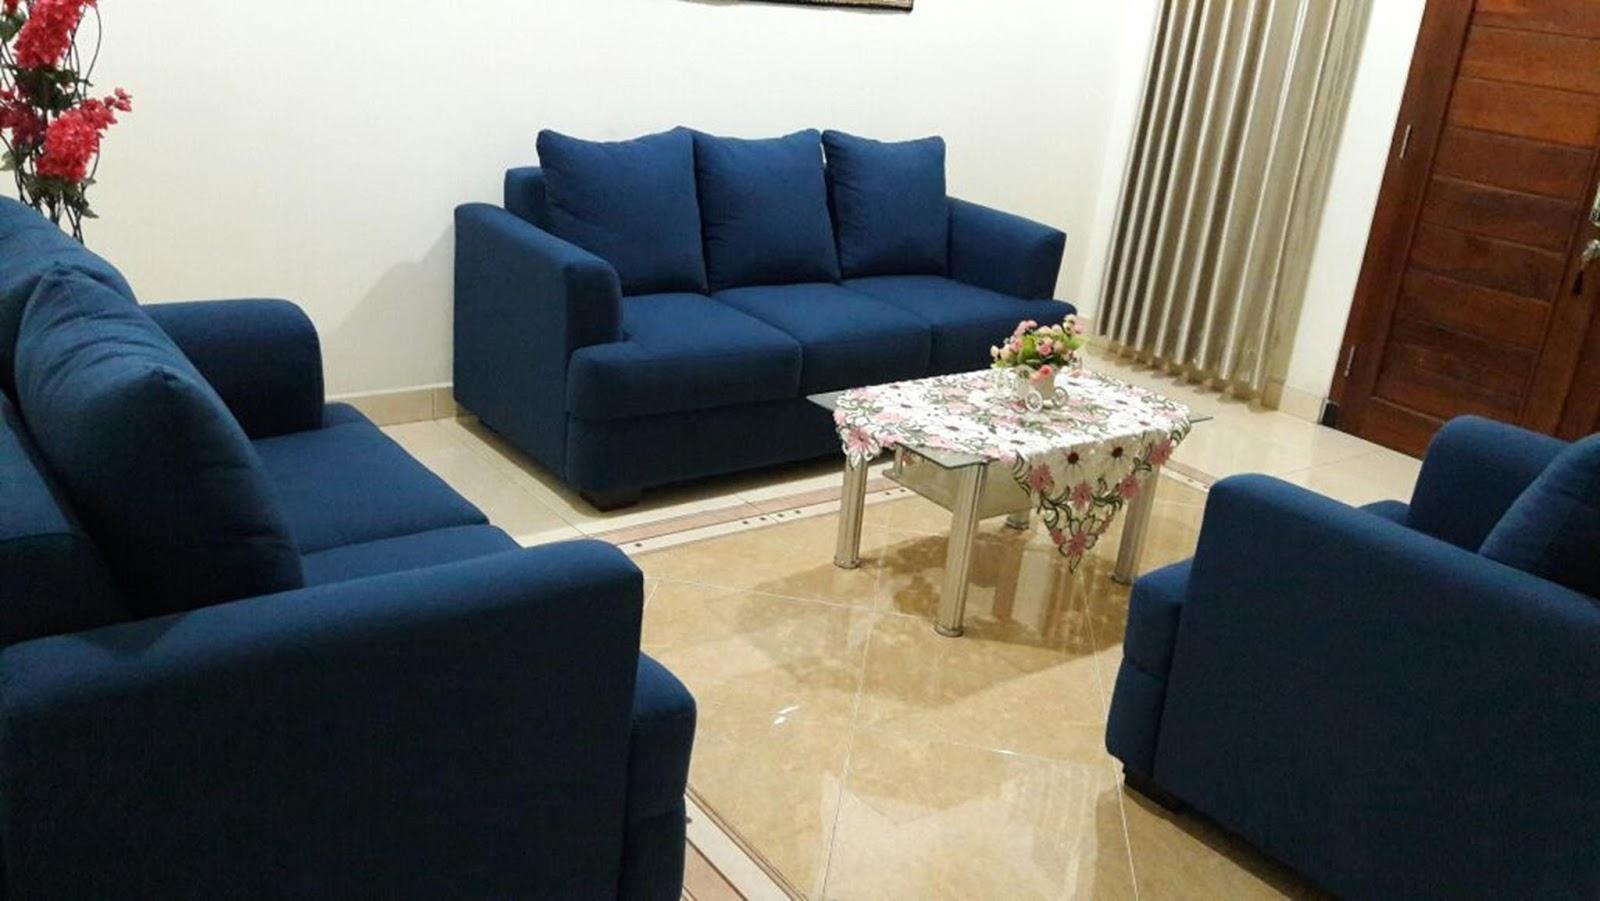 Sofa Murah Di Cianjur 3 Piece Slipcover T Cushion Model Dan Daftar Harganya Desain Rumah